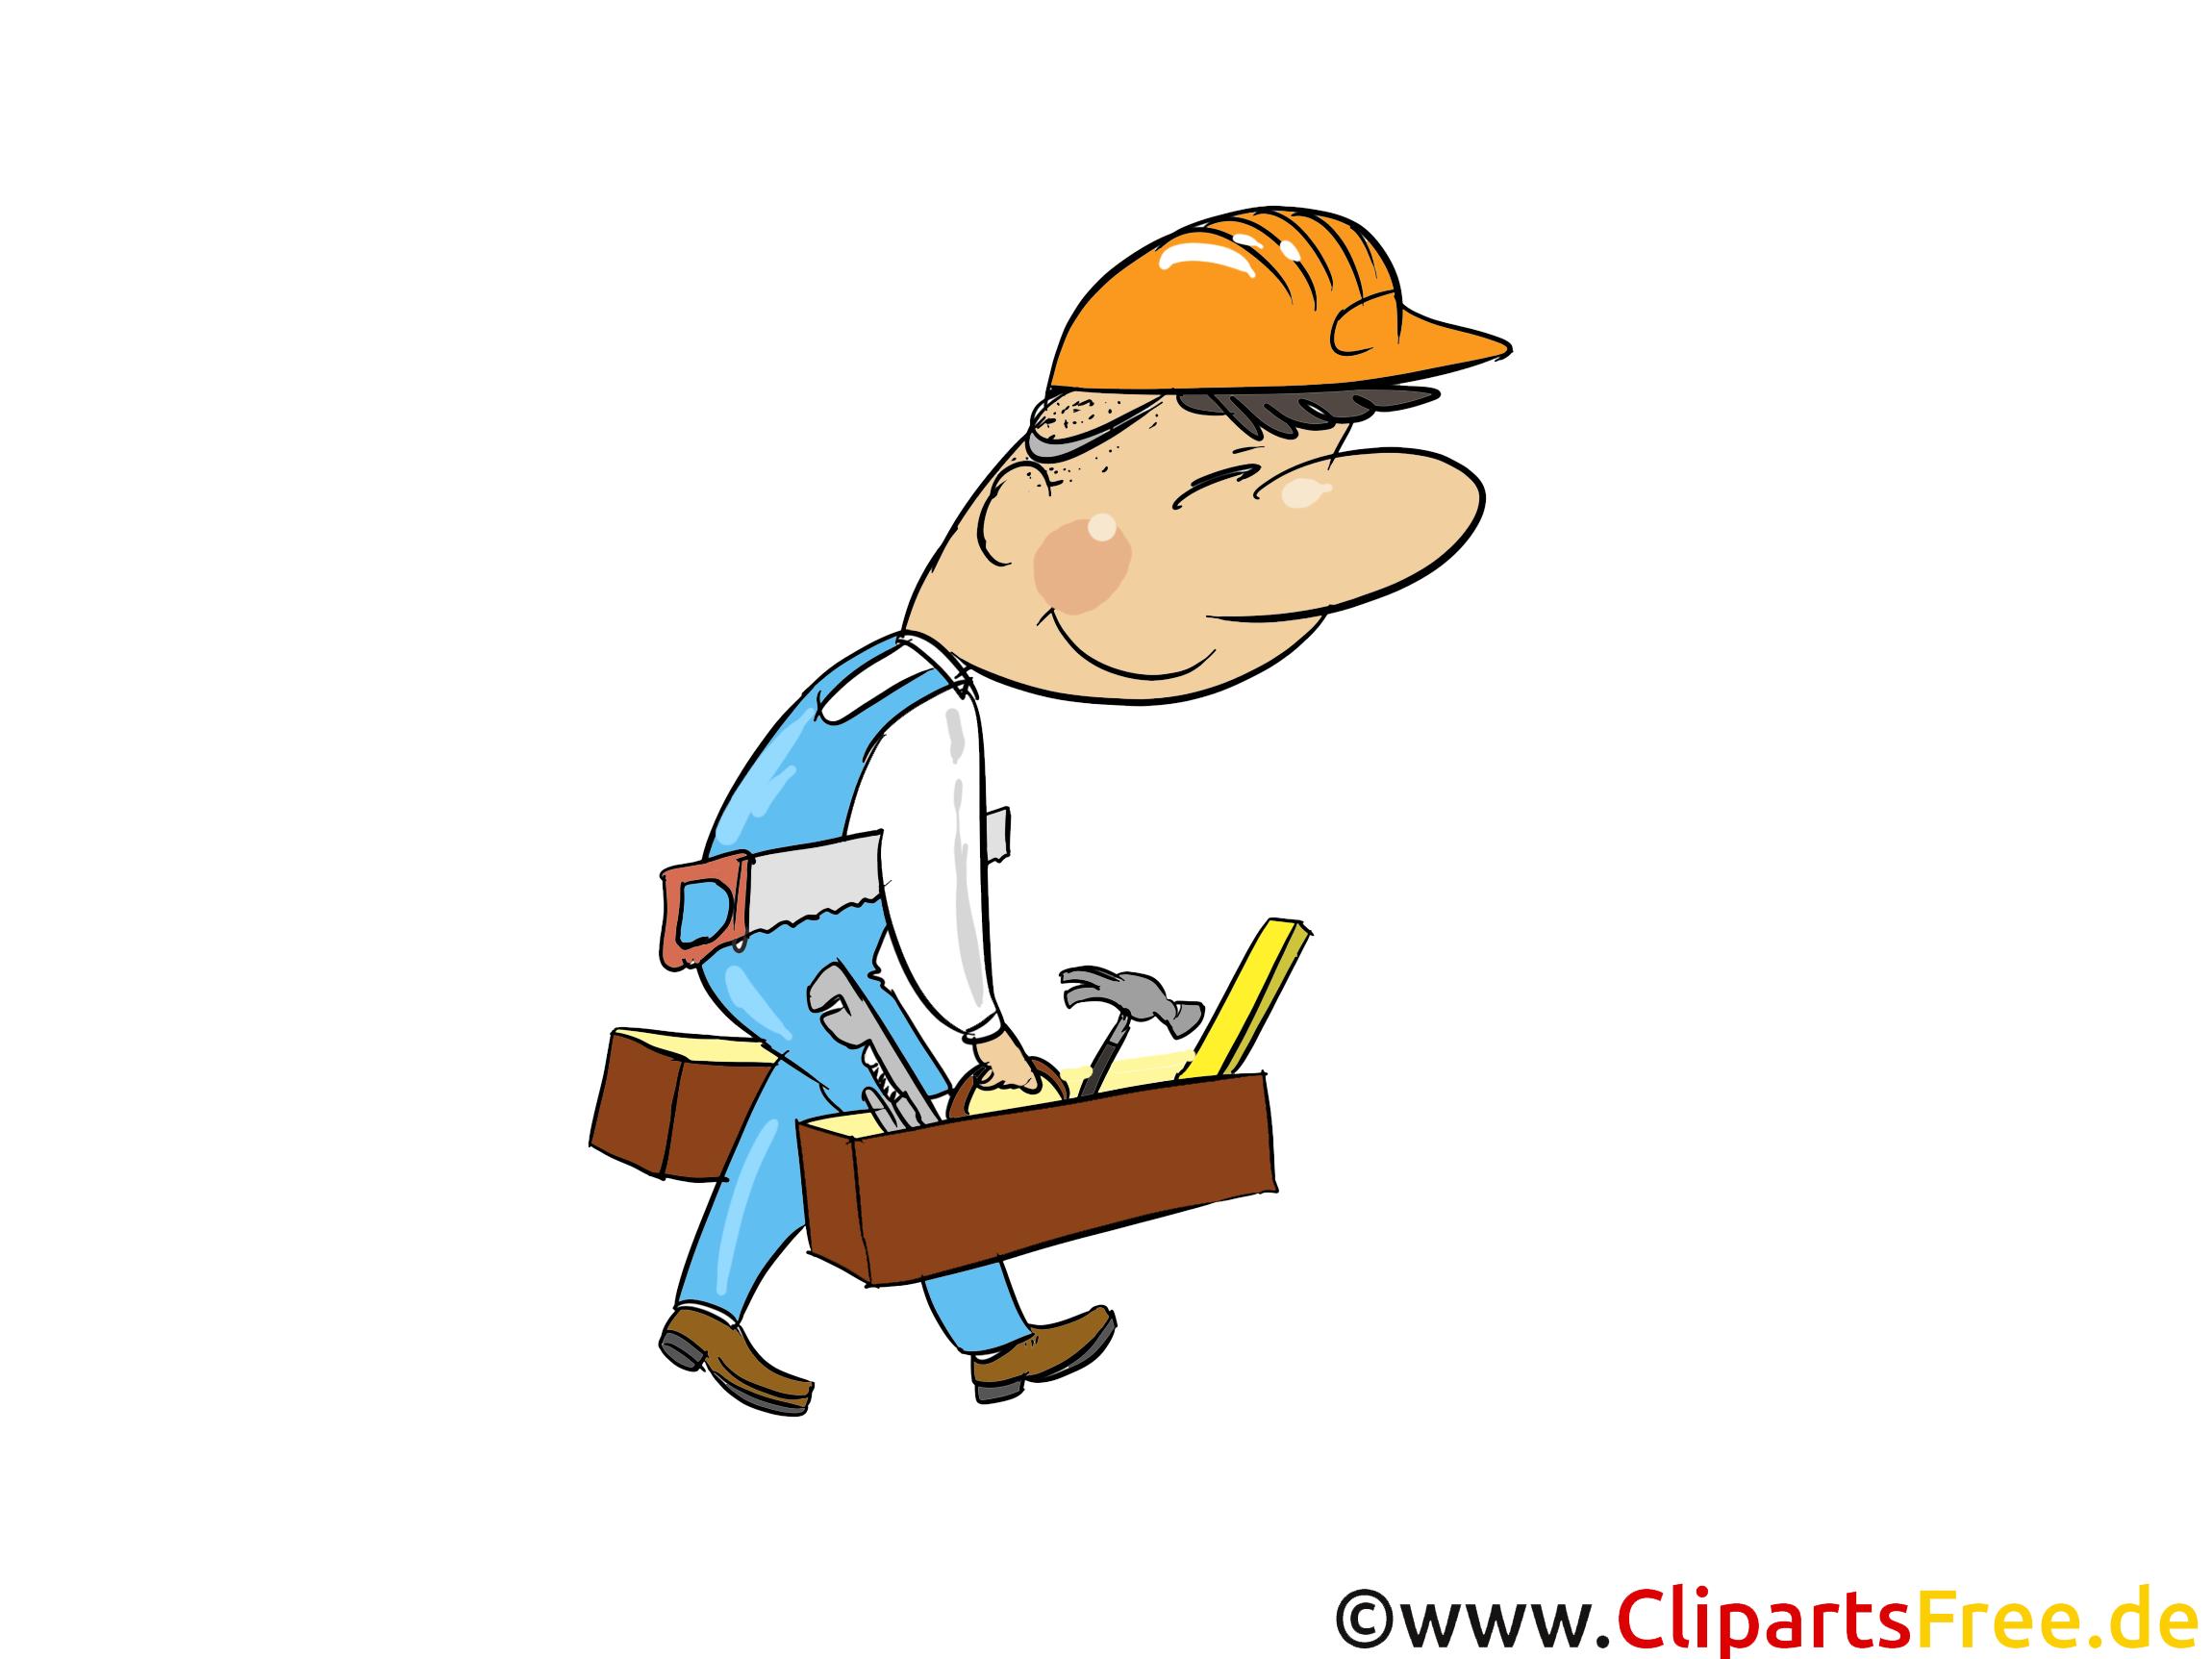 Bauarbeiter clipart schwarz weiß  Industrie Bilder, Cliparts, Cartoons, Grafiken, Illustrationen ...